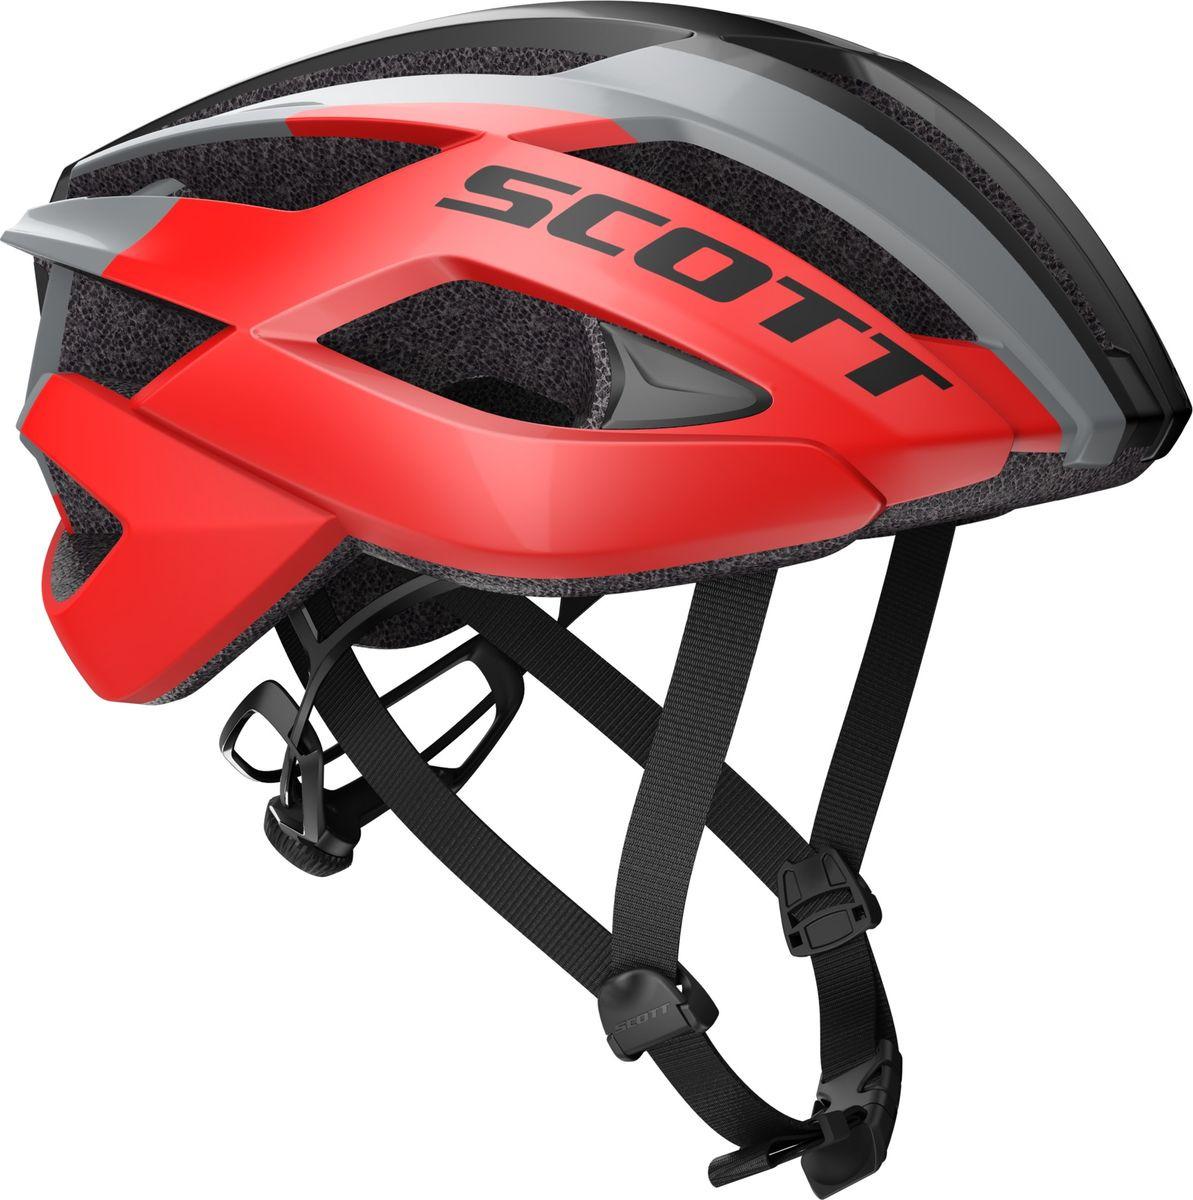 лучшая цена Шлем защитный Scott Arx, 241247-6150, красный, размер S (51/55)